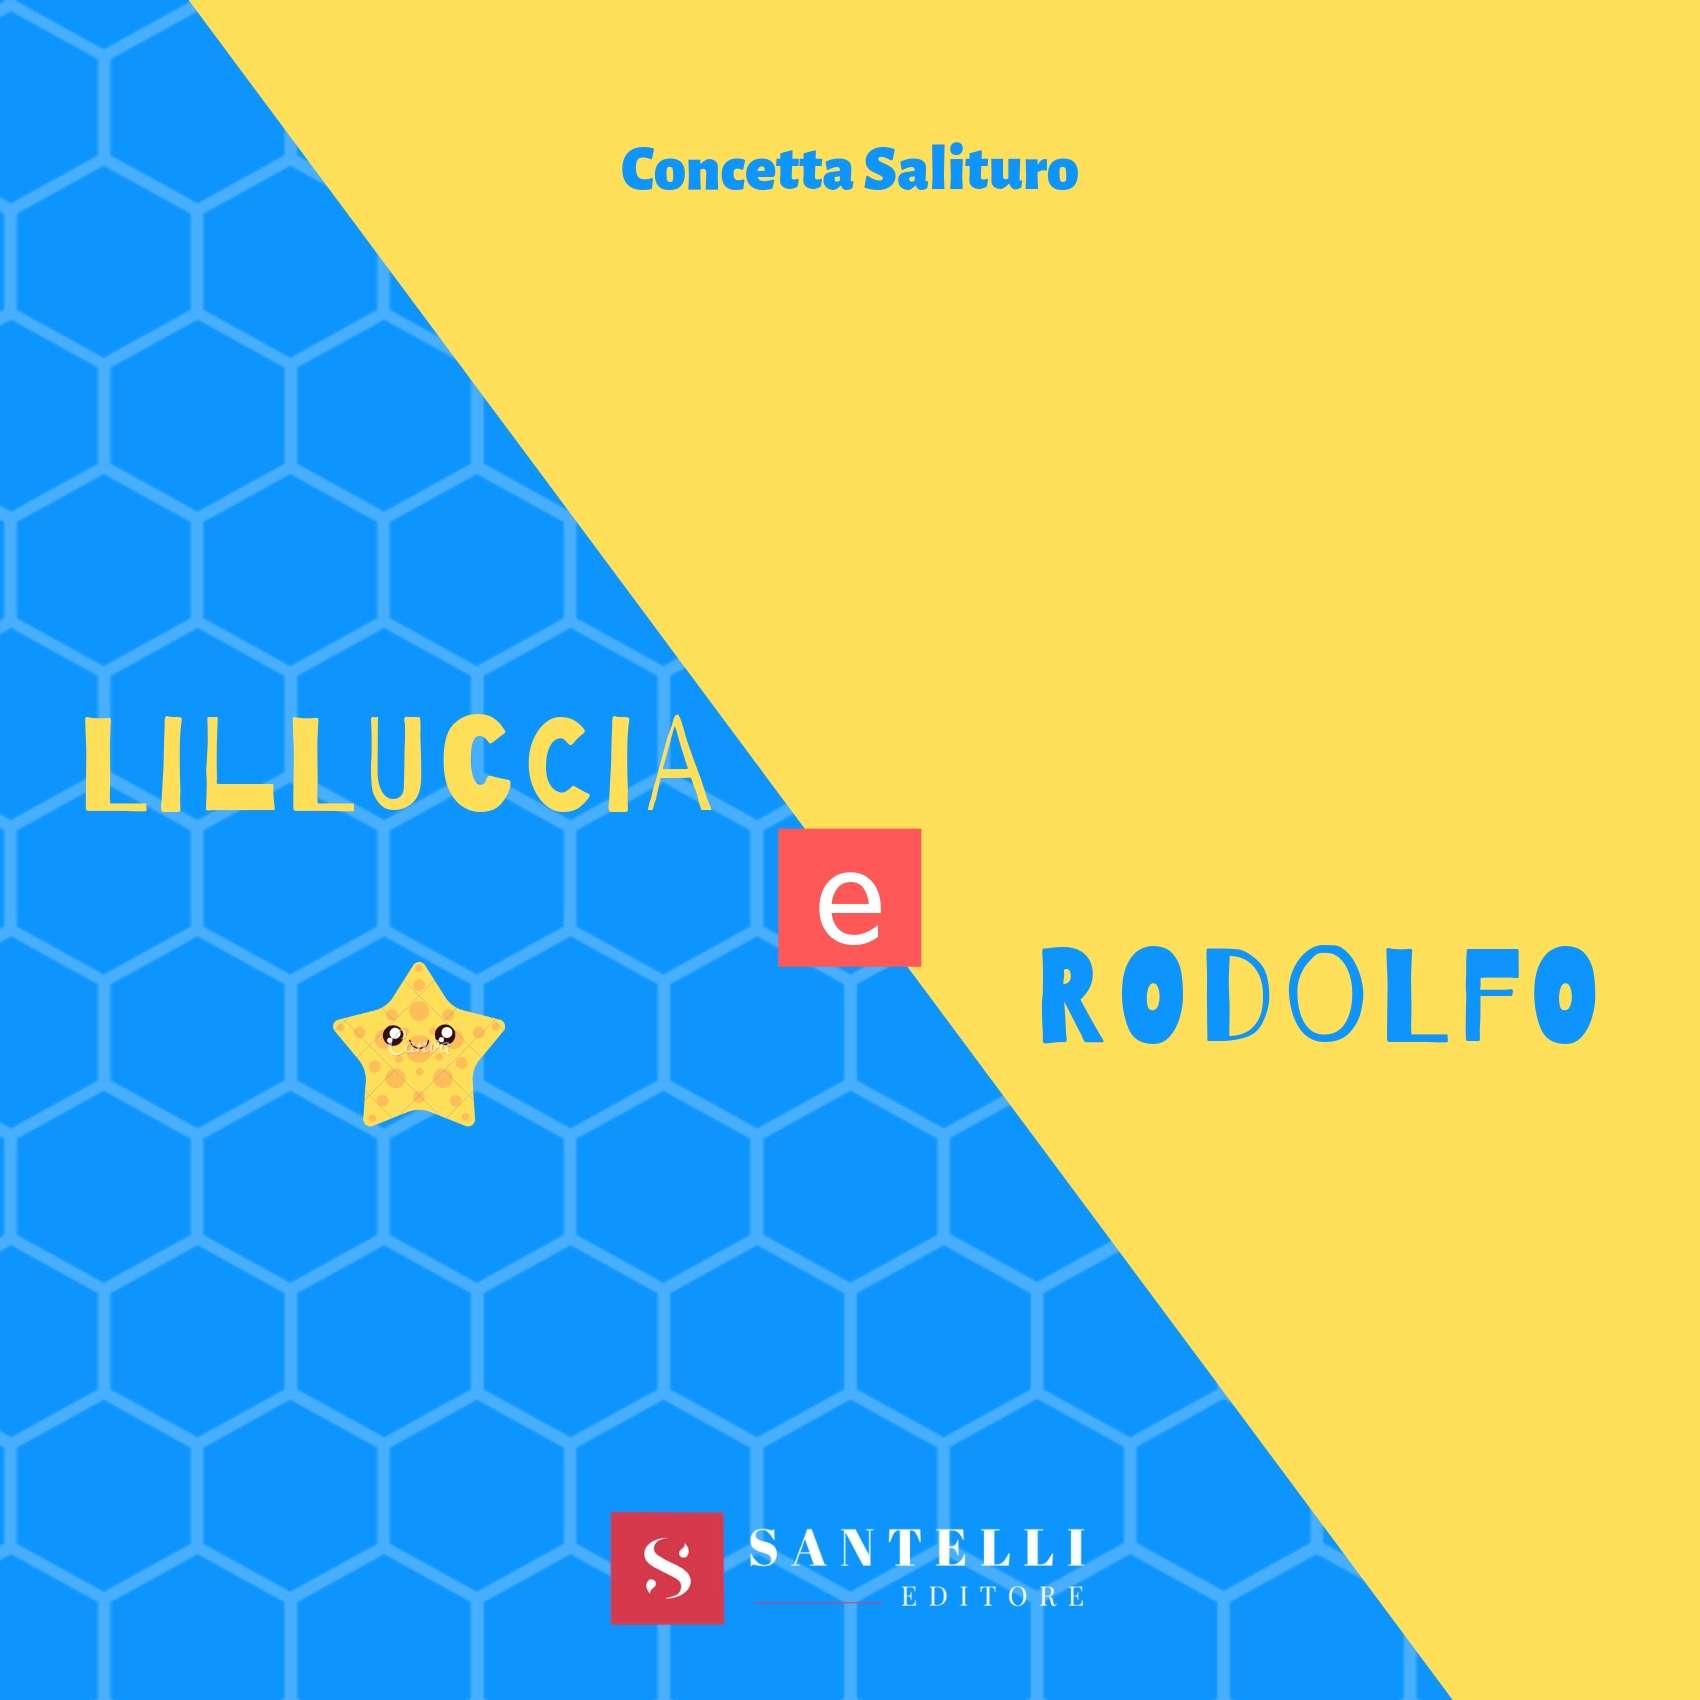 Lulluccia e Rodolfo, Concetta Salituro - coverfront